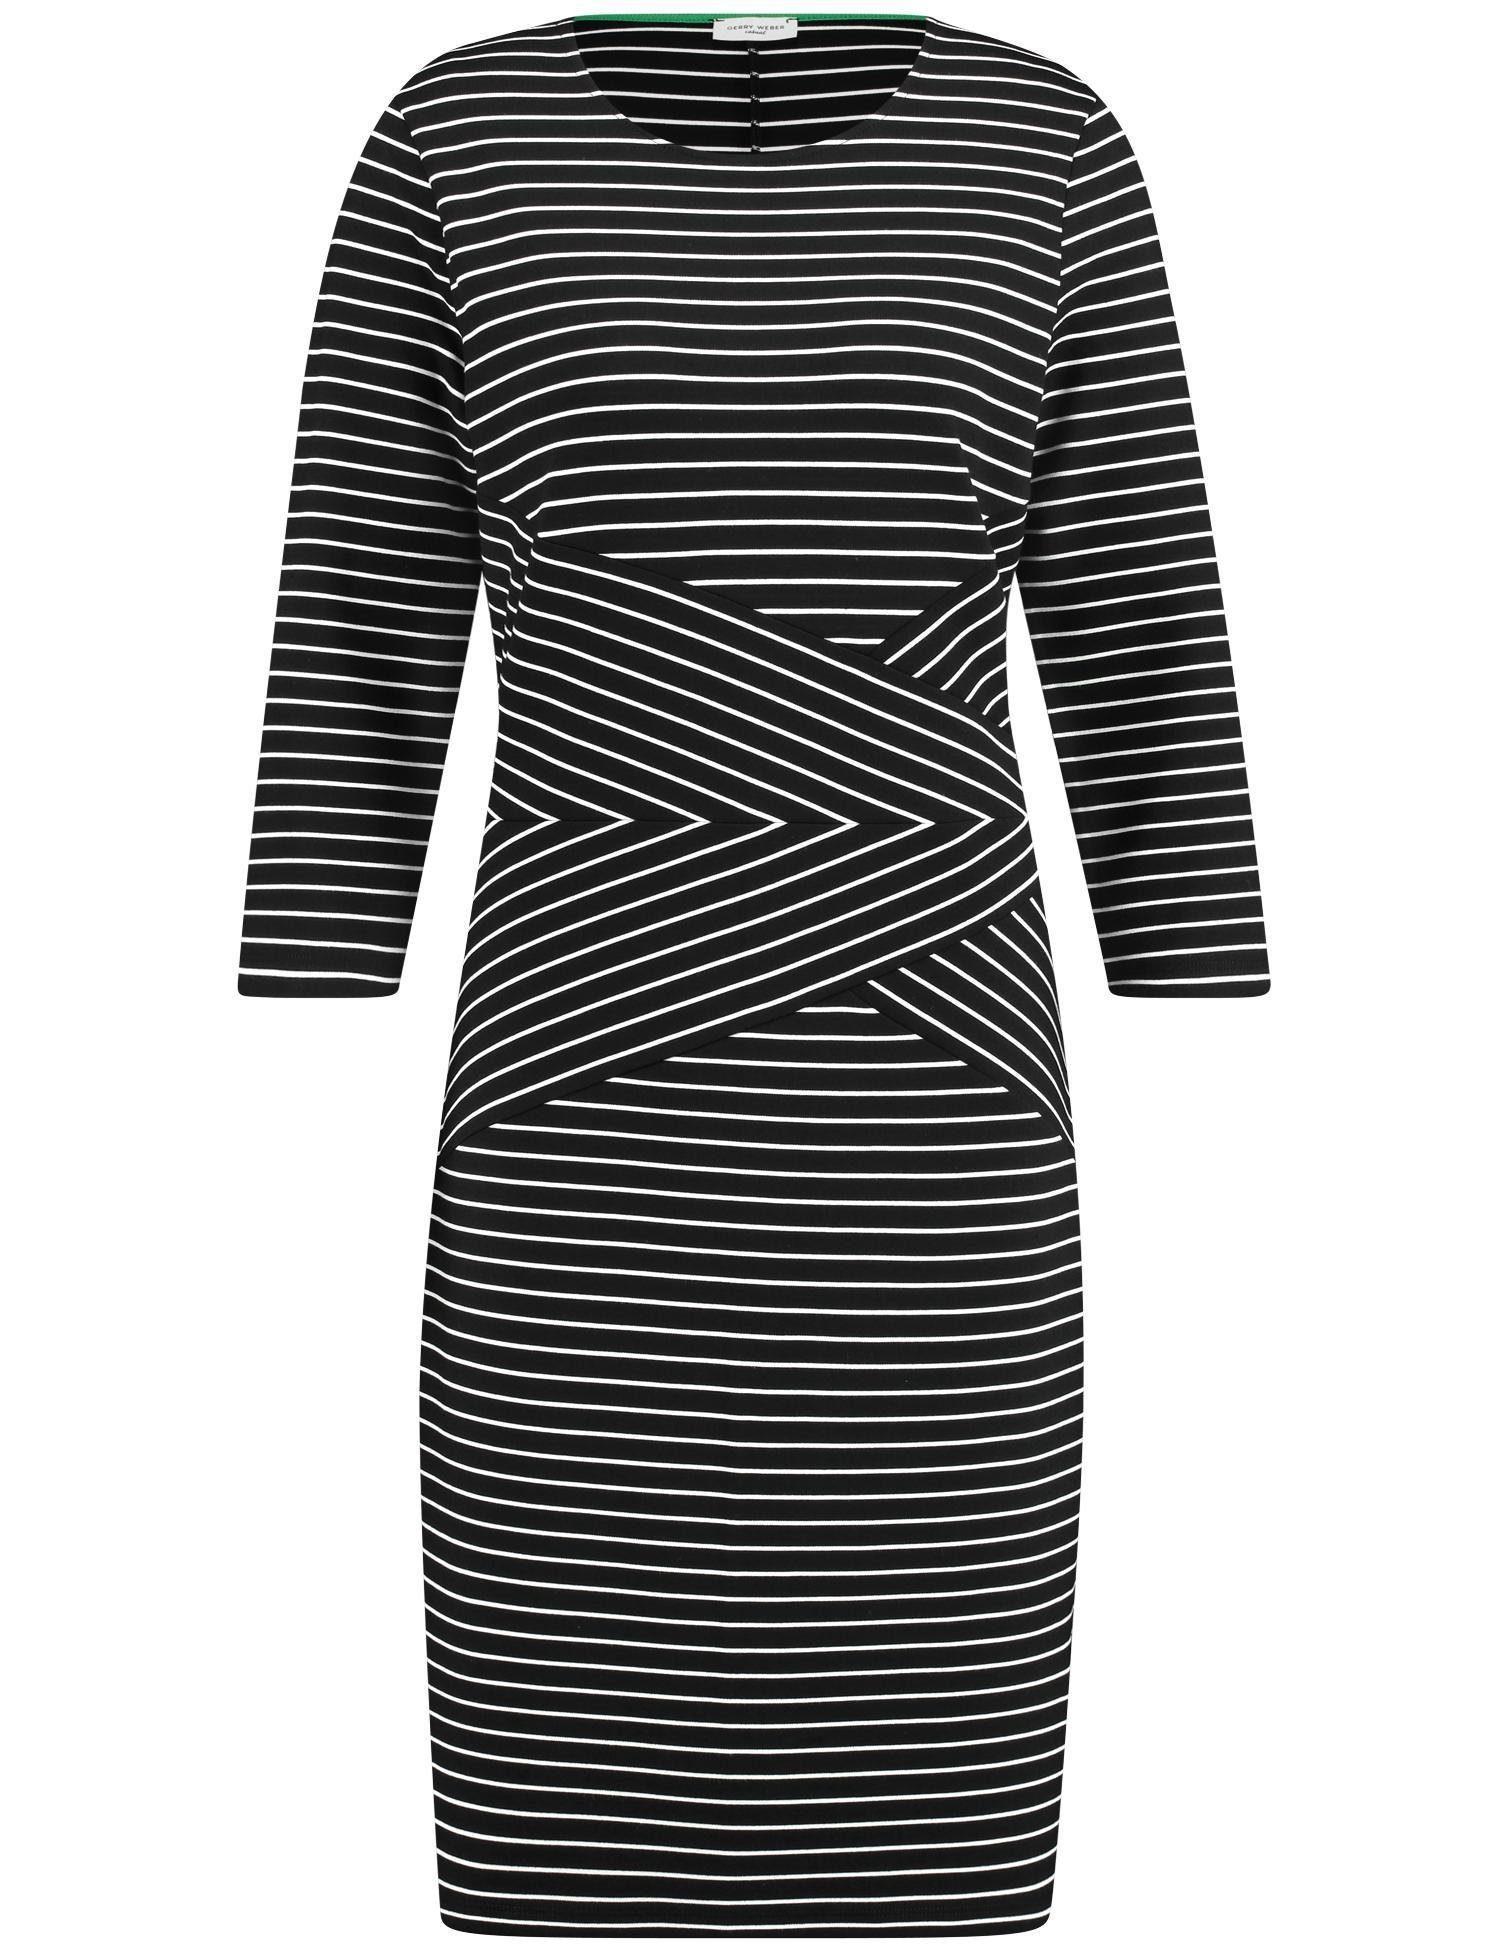 GERRY WEBER Kleid Gewirke Kleid mit Ringeldessin